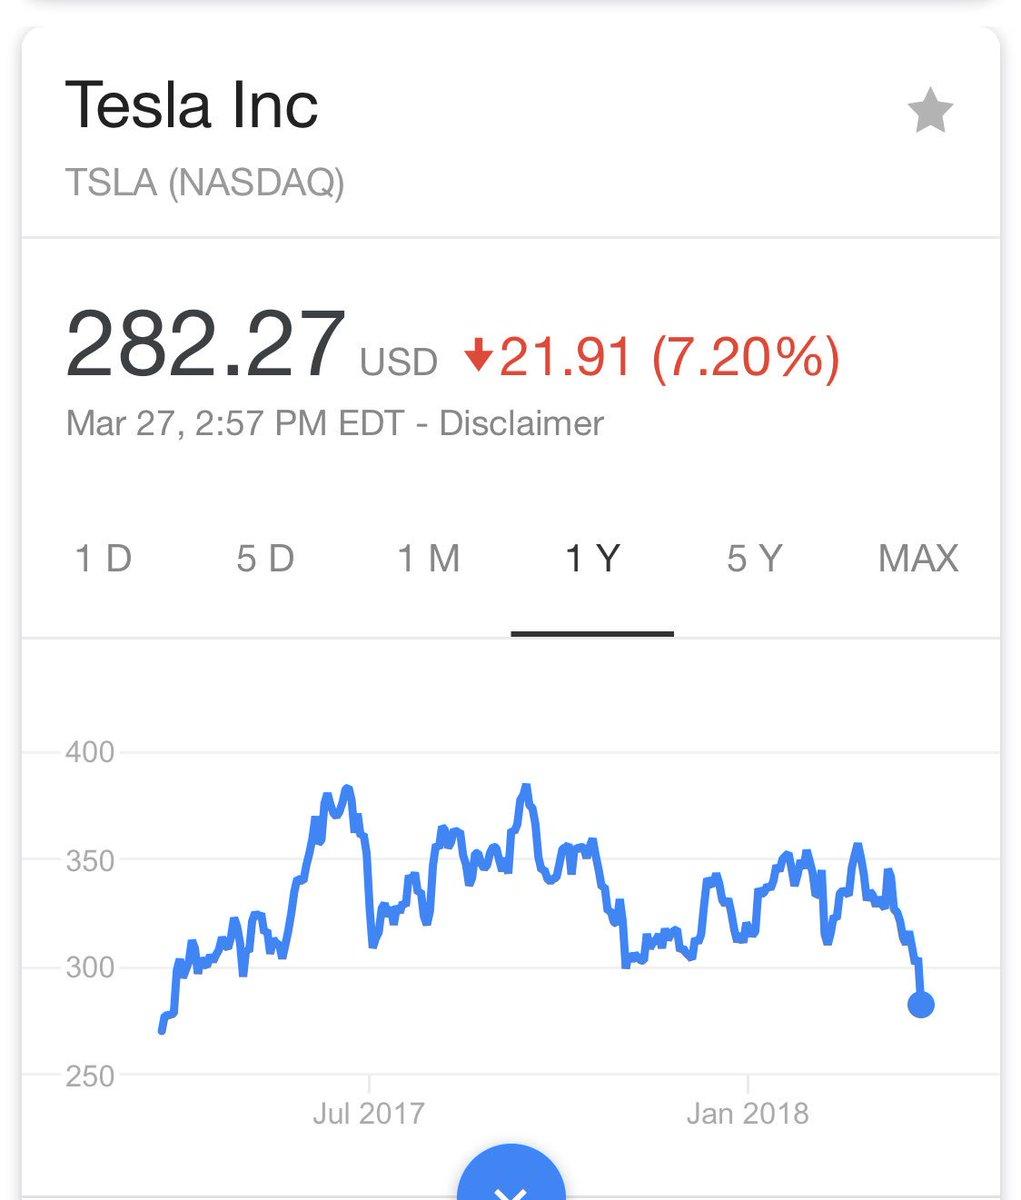 Aparentemente a base de acionistas de Tesla está cansando de colocar mais e mais dinheiro no empreendimento. Uma hora o dinheiro ou a paciência acabam.